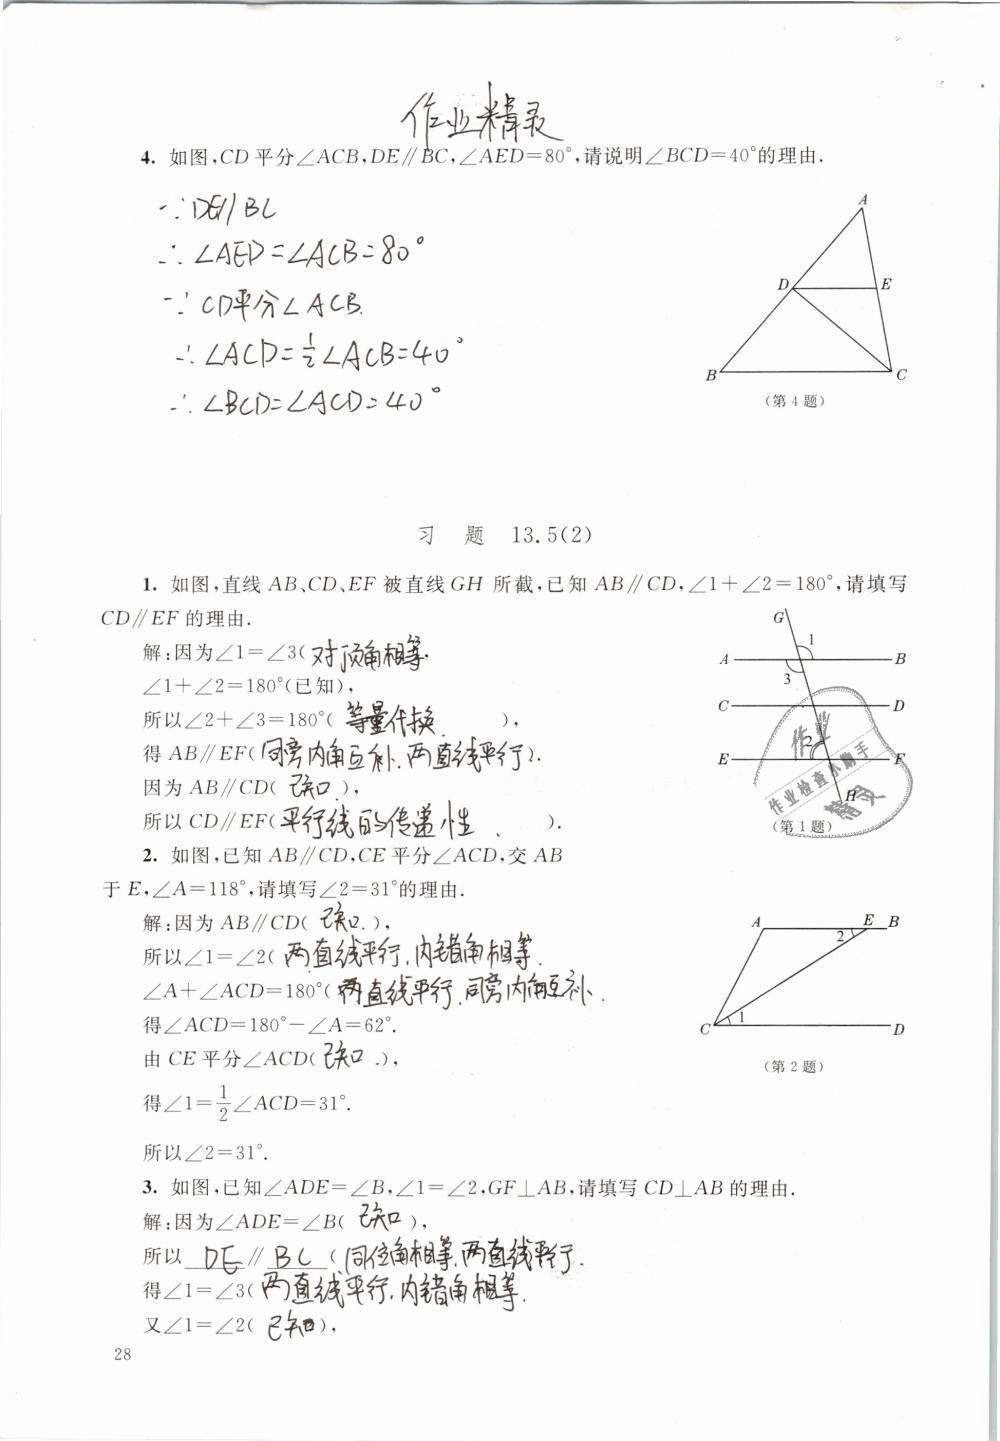 2019年数学练习部分七年级第二学期第28页